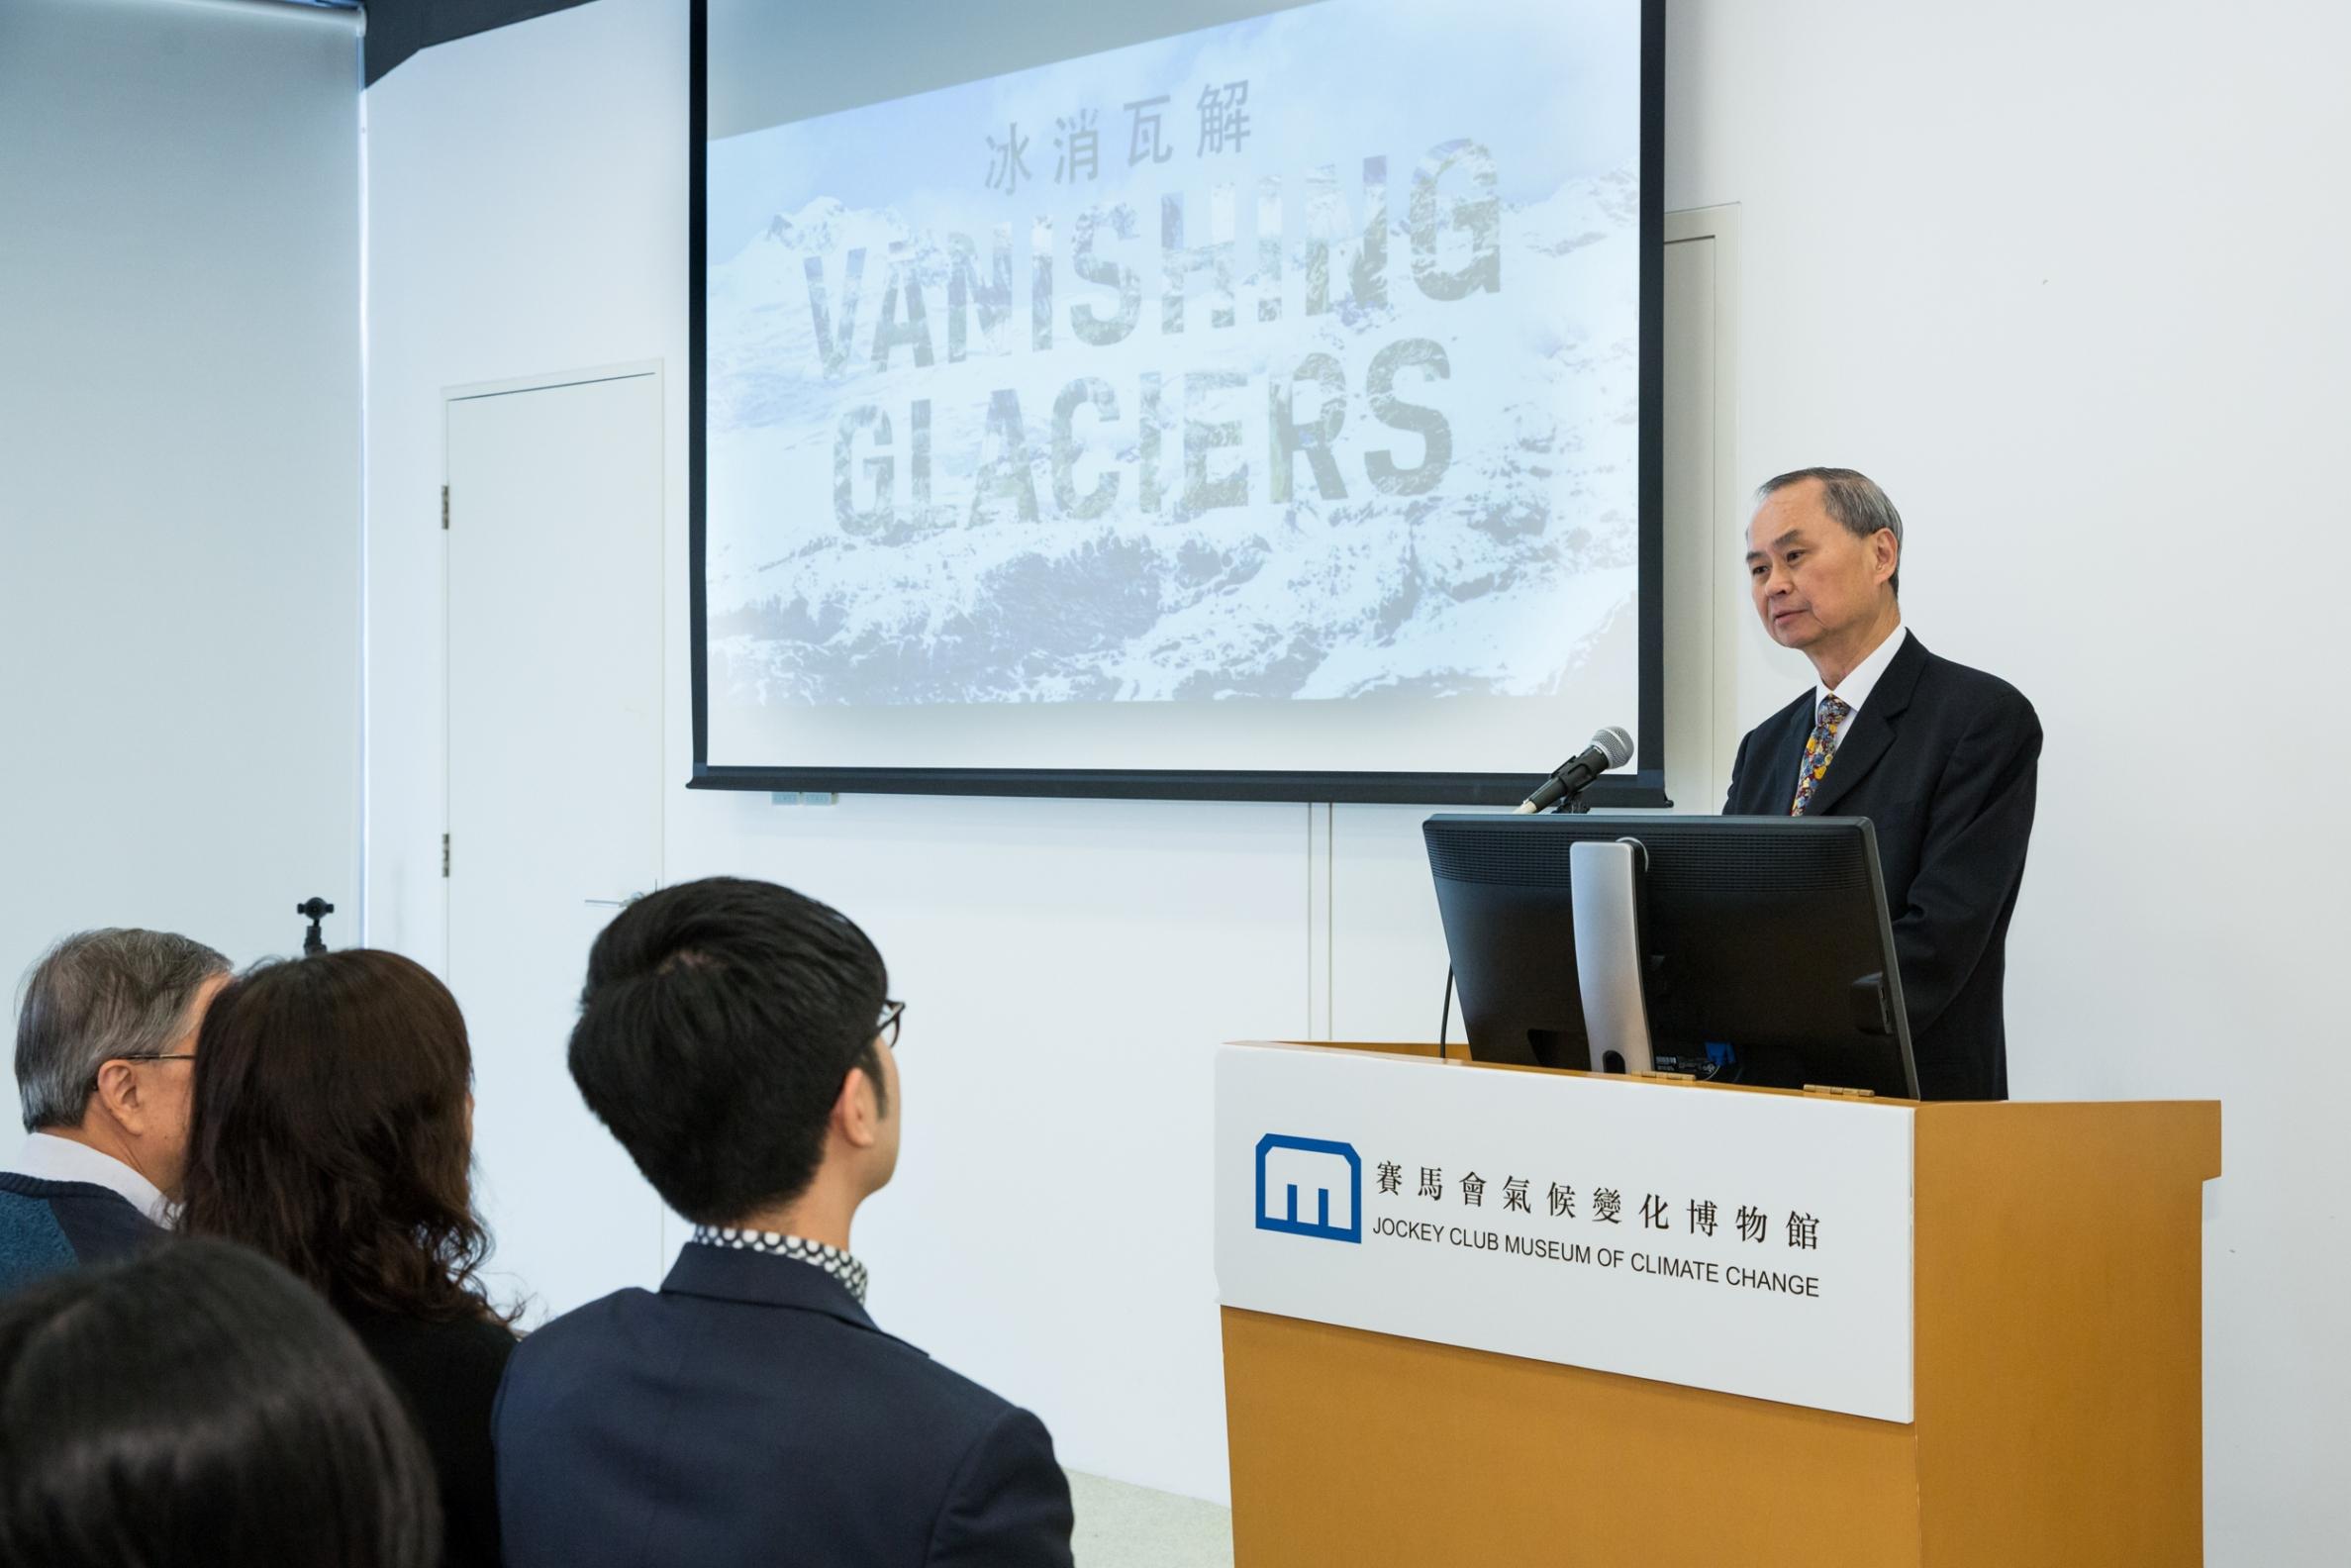 香港中文大學副校長霍泰輝教授在開幕典禮上致歡迎辭。